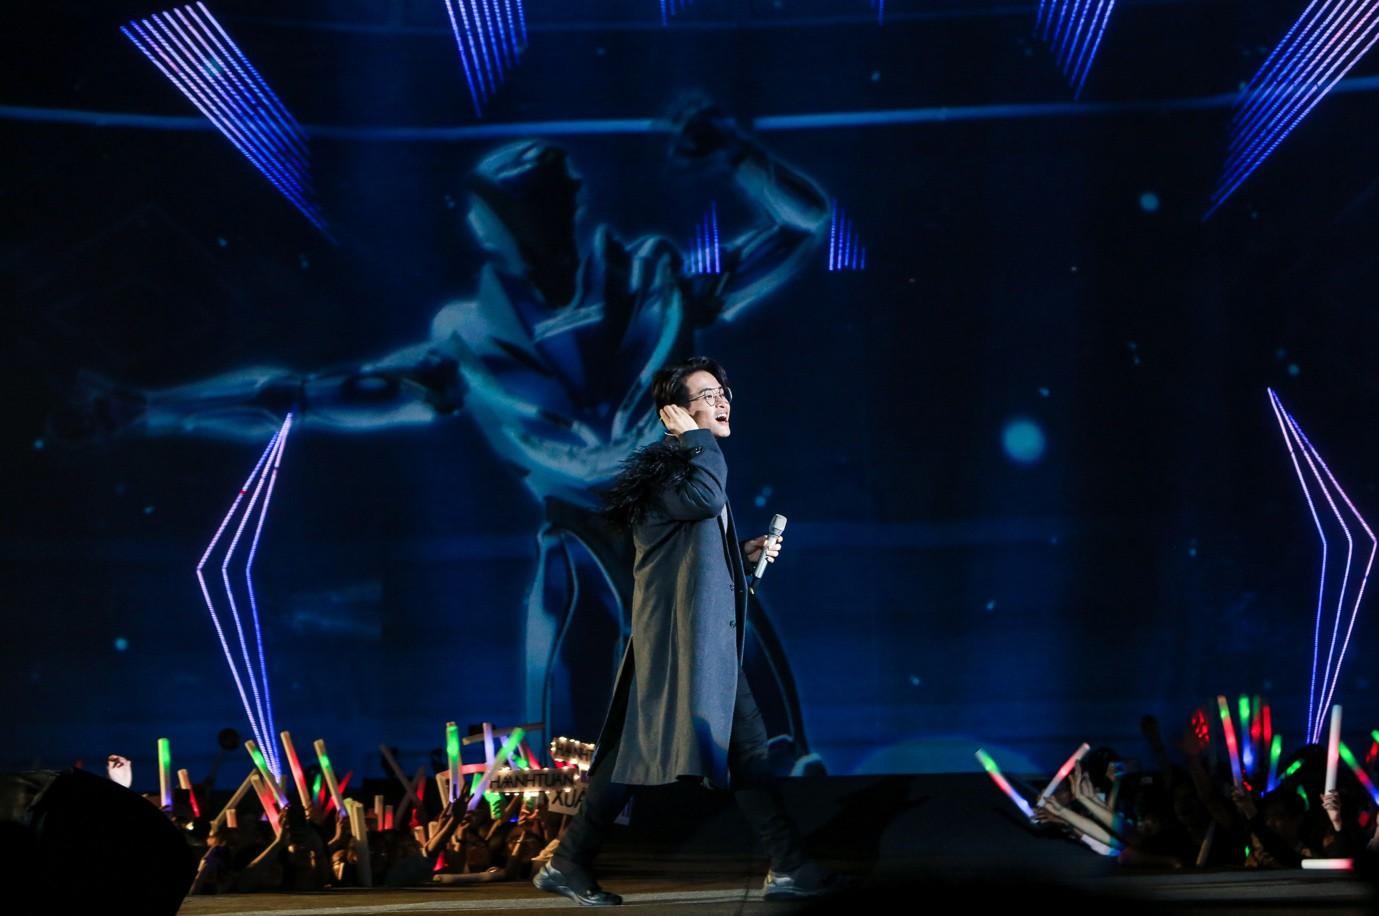 Mỹ Tâm, Hà Anh Tuấn, Noo Phước Thịnh… sẽ khuấy động Hà thành tại đại tiệc âm nhạc công nghệ Hologram - Ảnh 6.